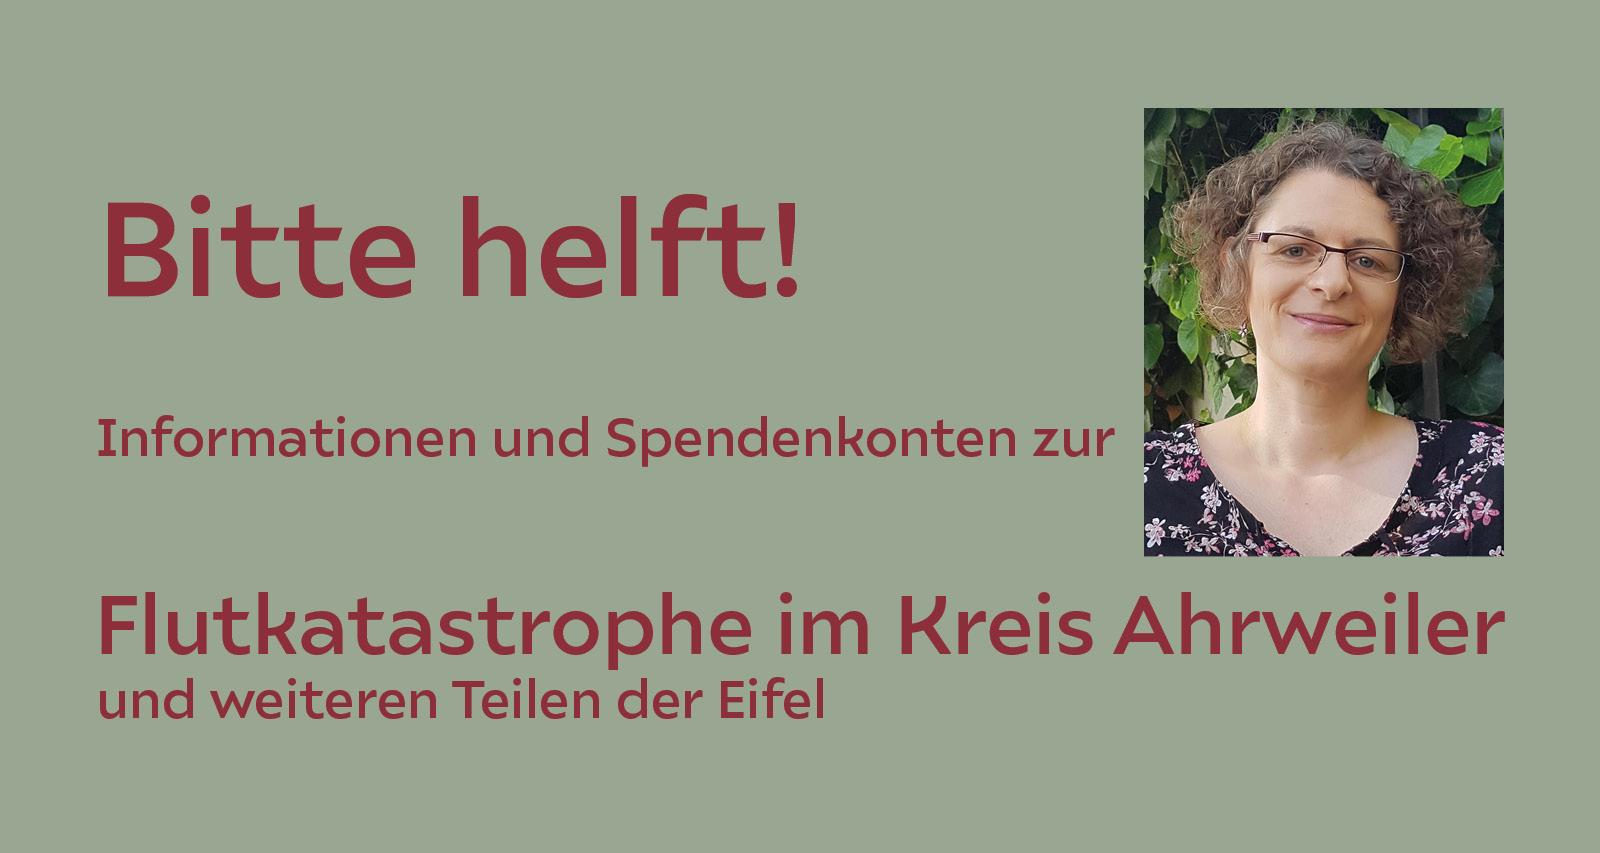 Bitte helft! Flutkatastrophe im Kreis Ahrweiler und weiteren Teilen der Eifel und Voreifel